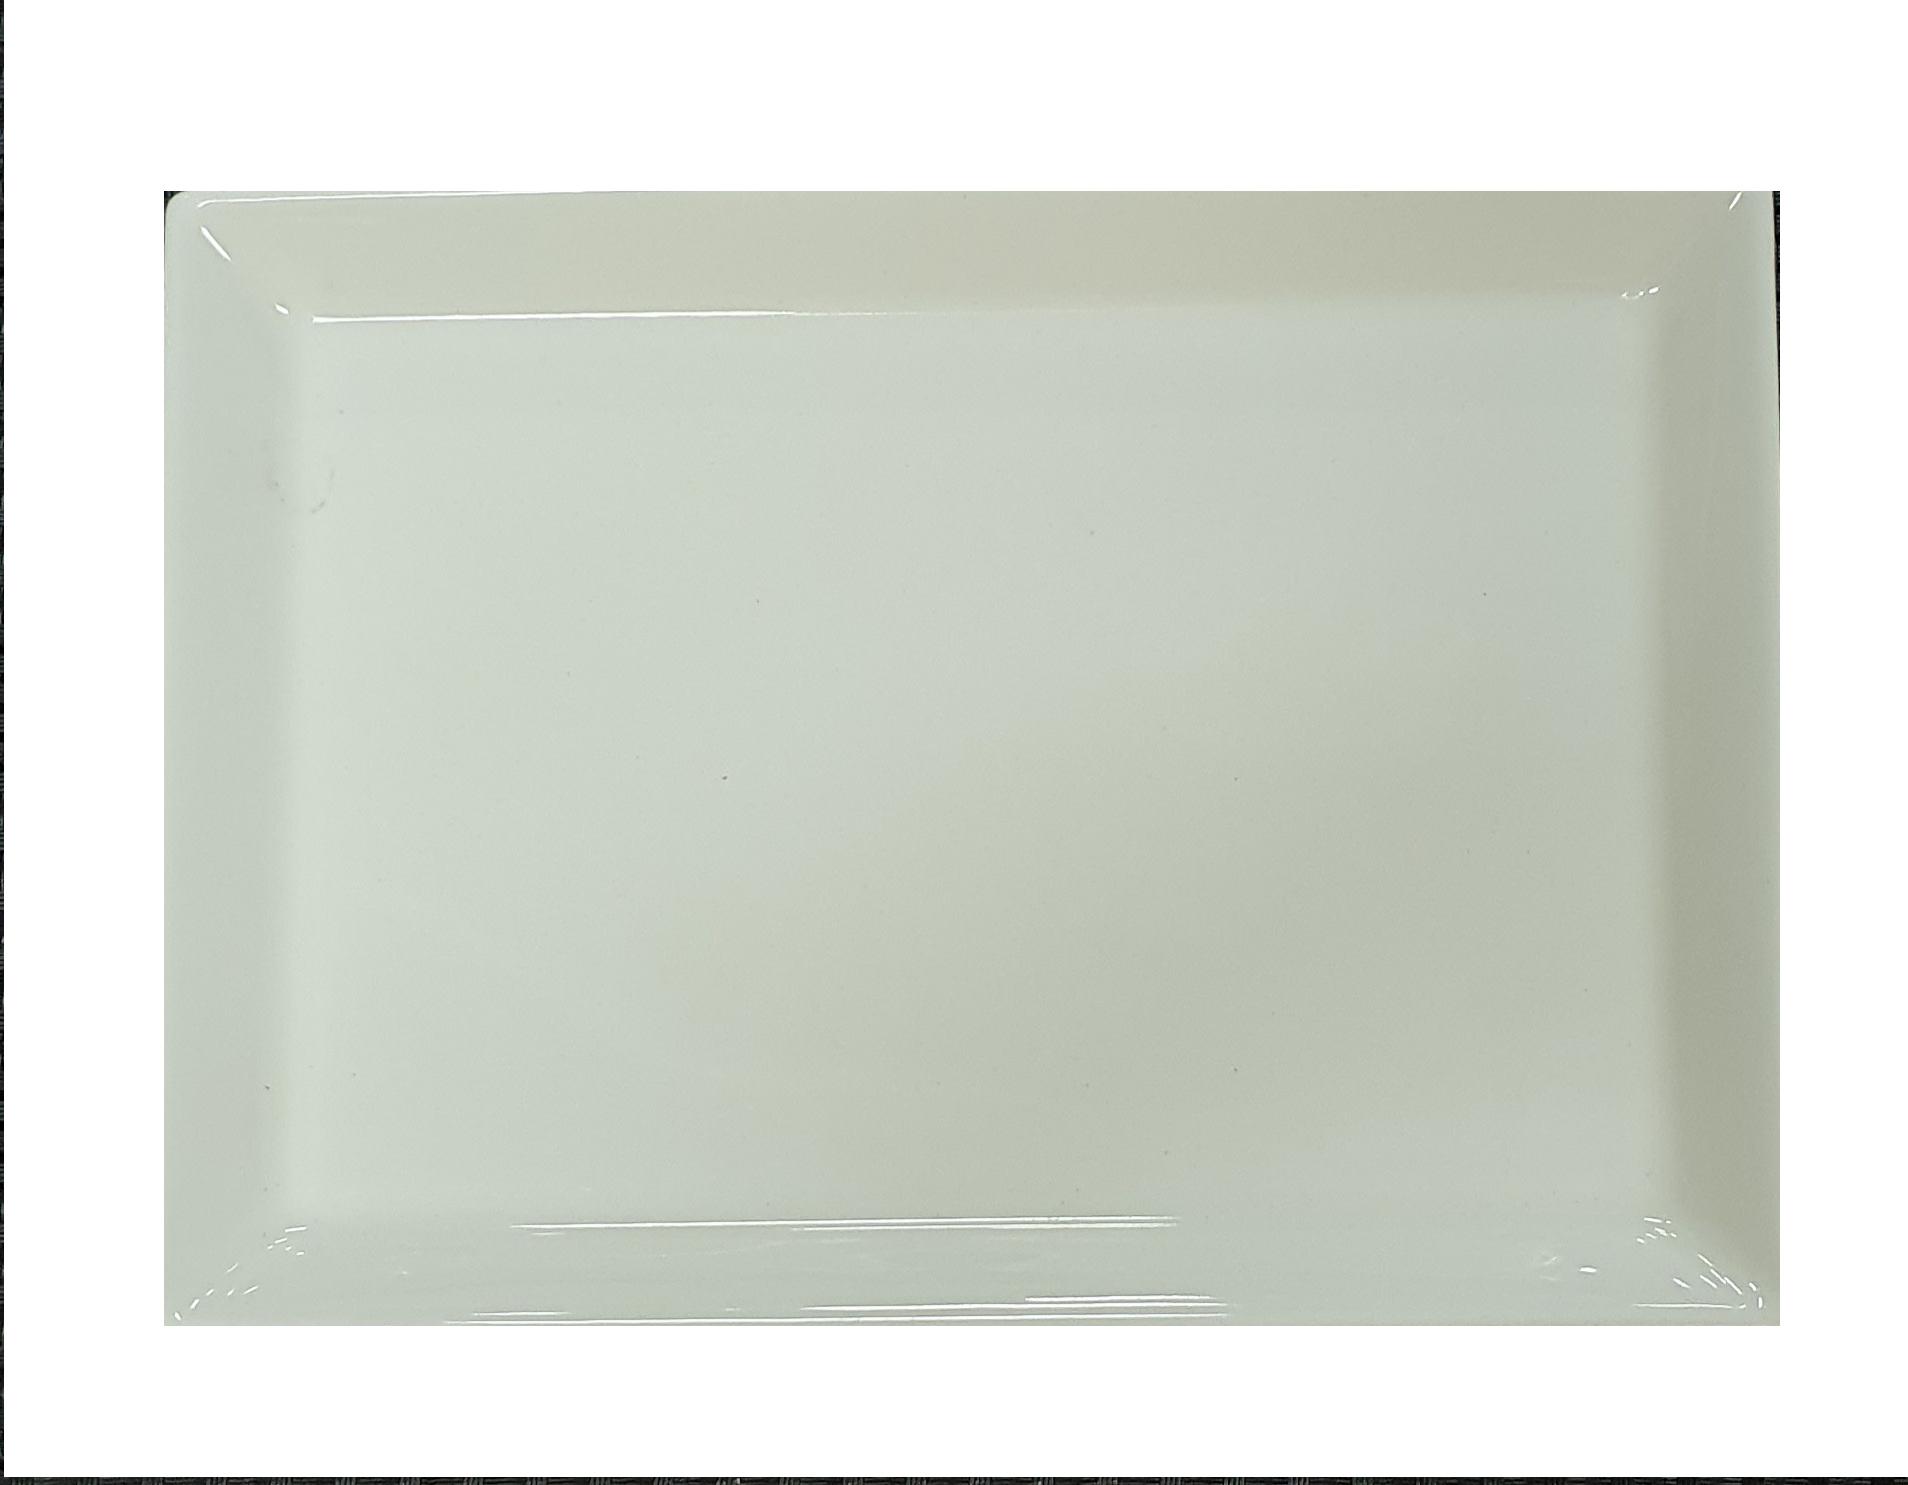 Rect tray 8 3/8x6